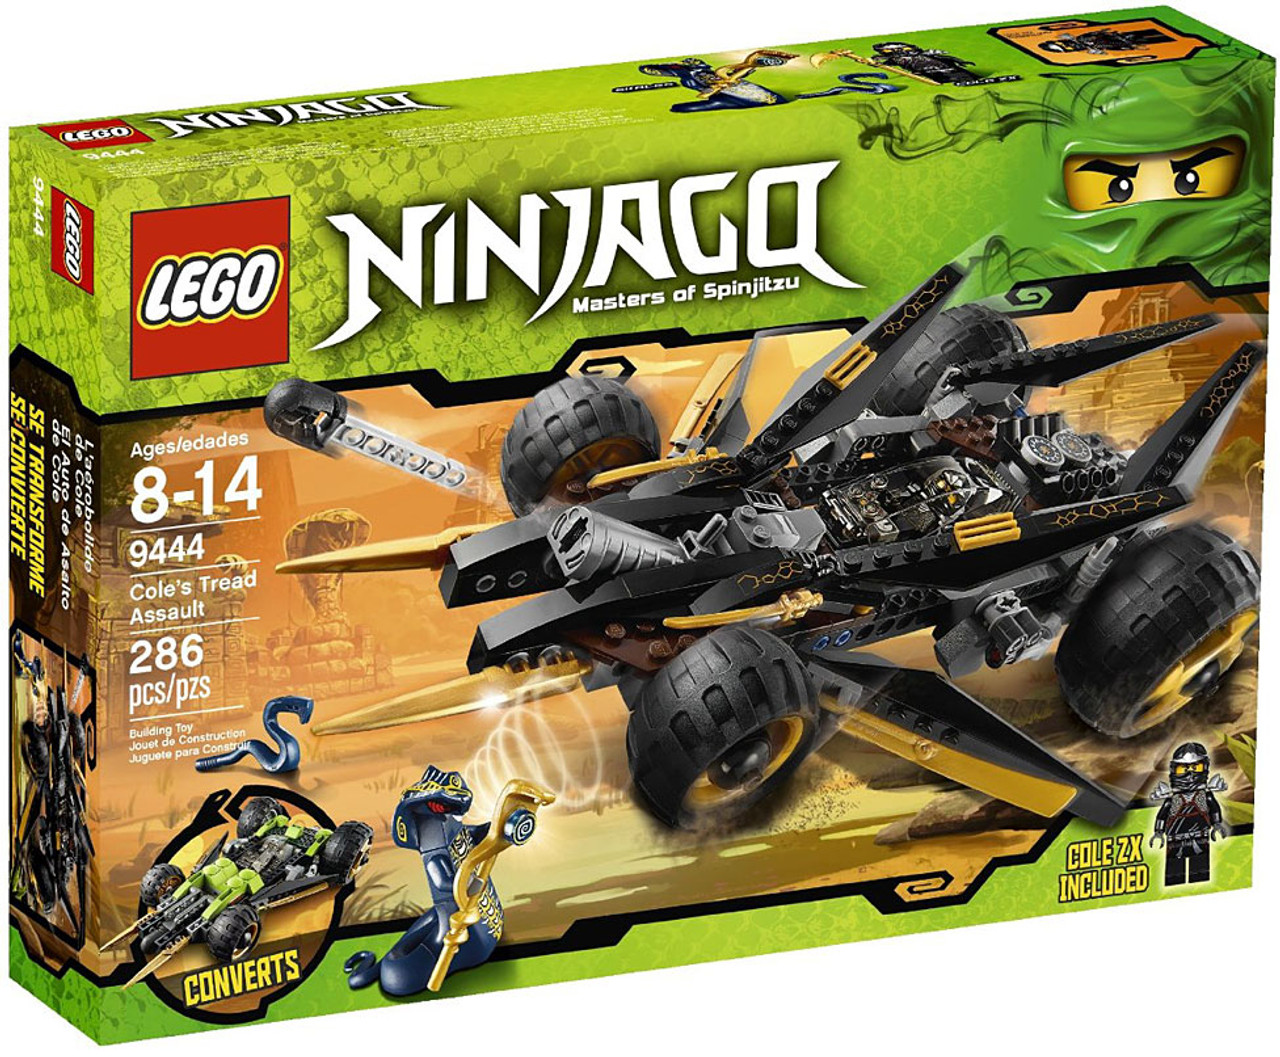 lego ninjago coles tread assault set 9444 damaged package. Black Bedroom Furniture Sets. Home Design Ideas